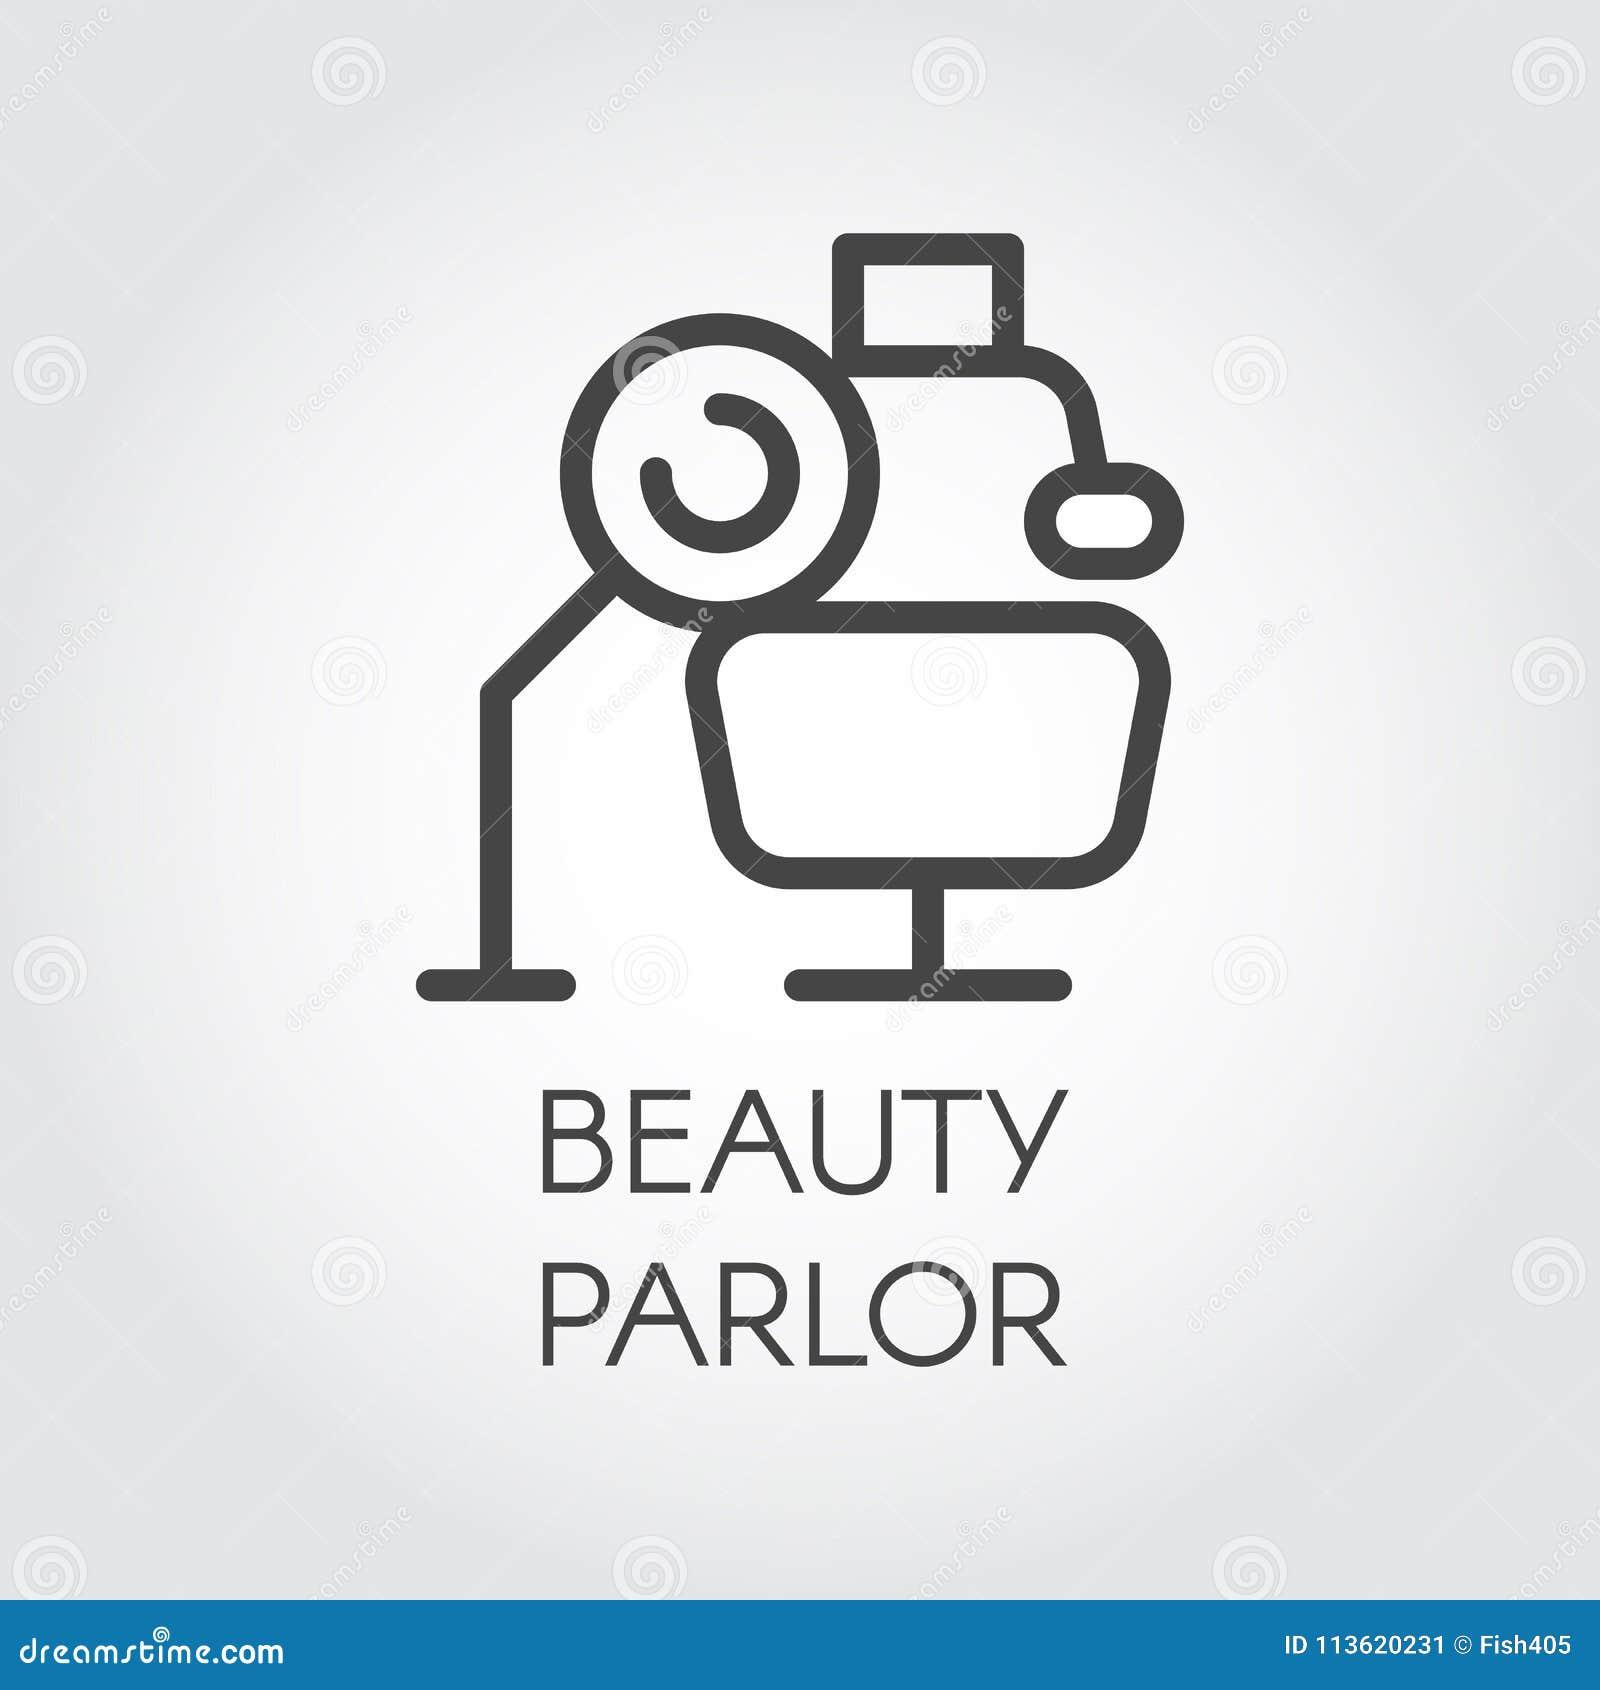 Hermosa Se Reanuda La Cosmetología Friso - Ejemplo De Colección De ...